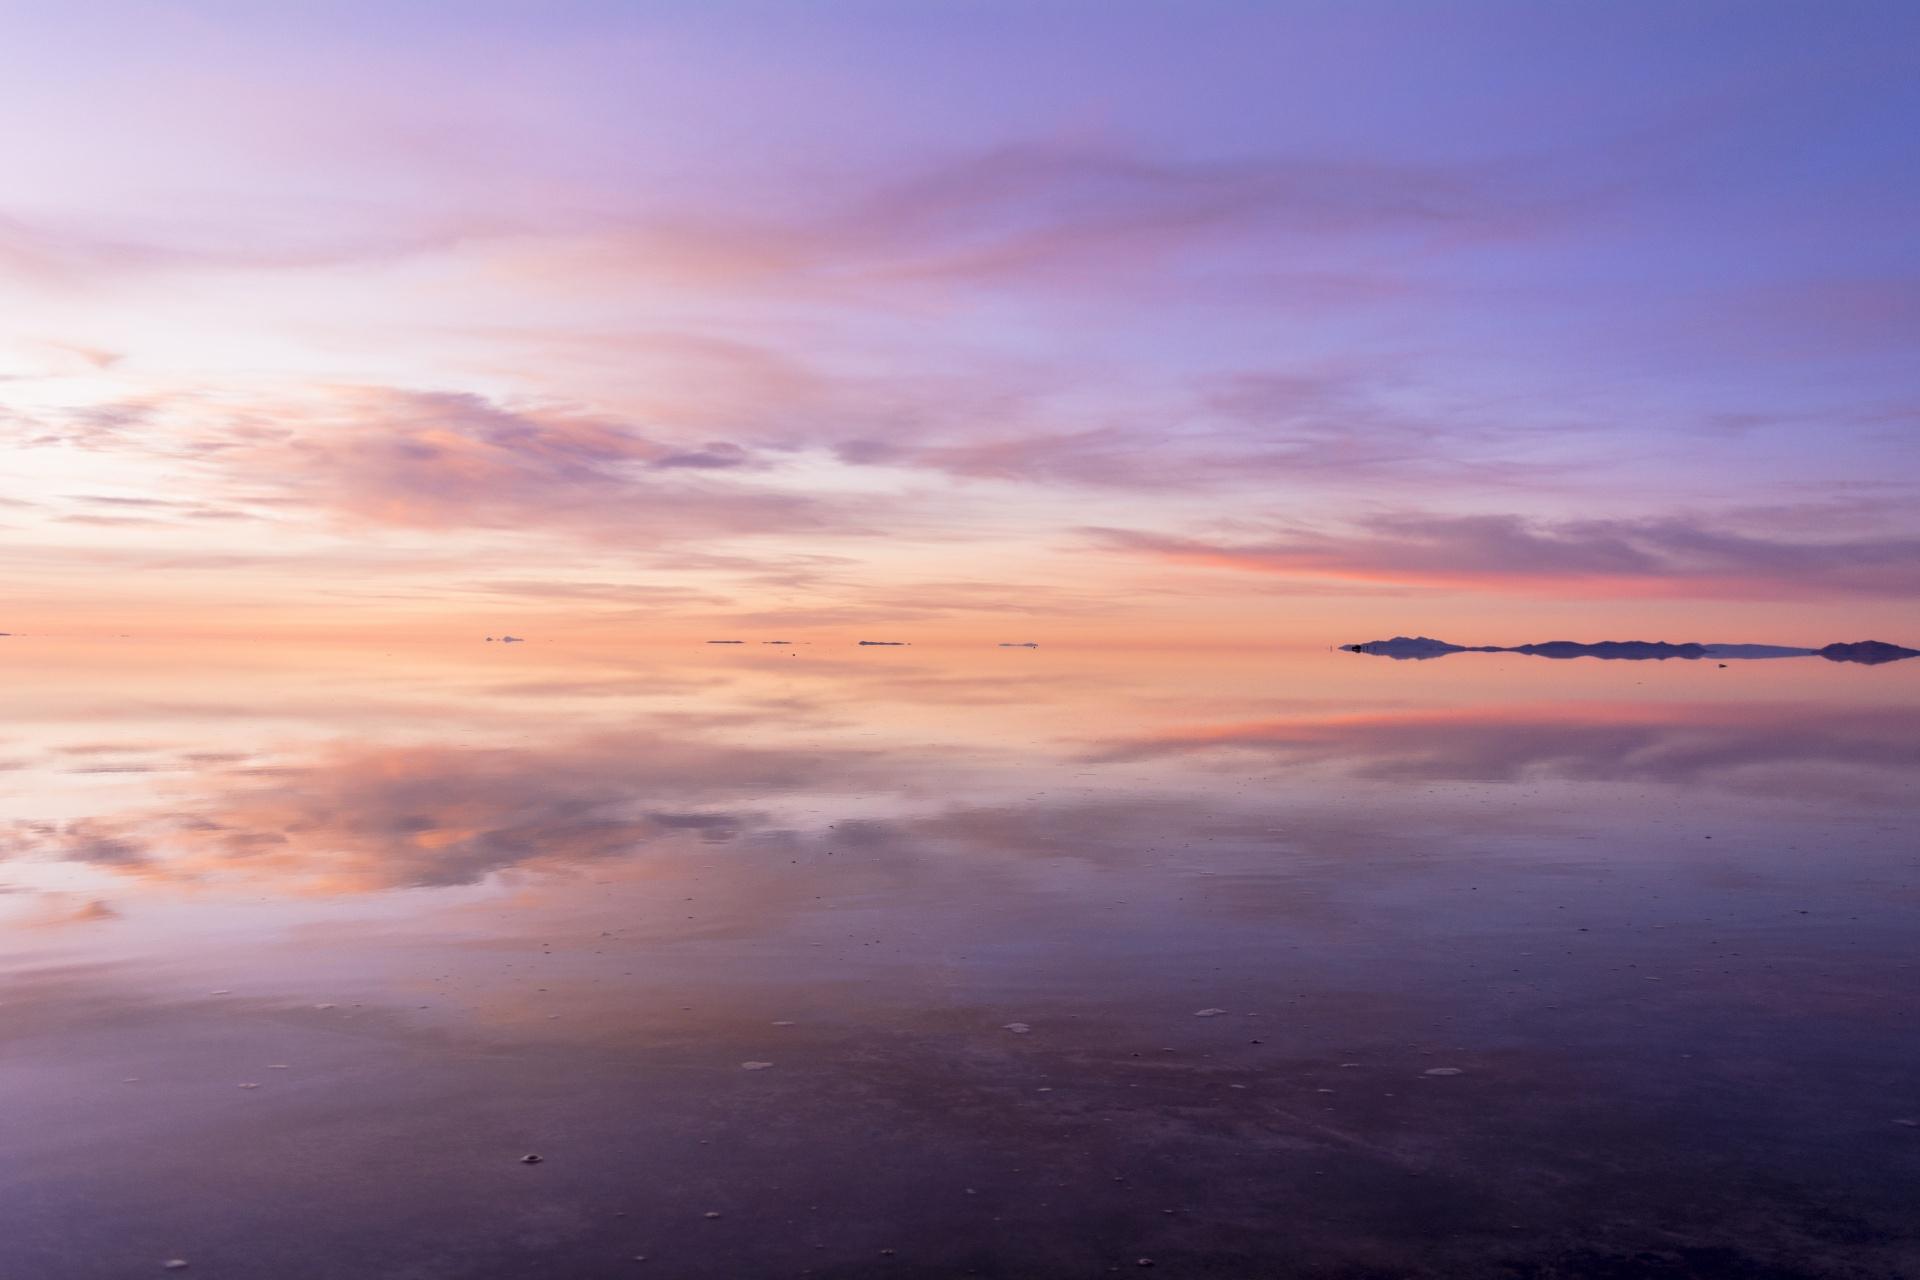 ウユニ塩湖の風景 ボリビアの風景